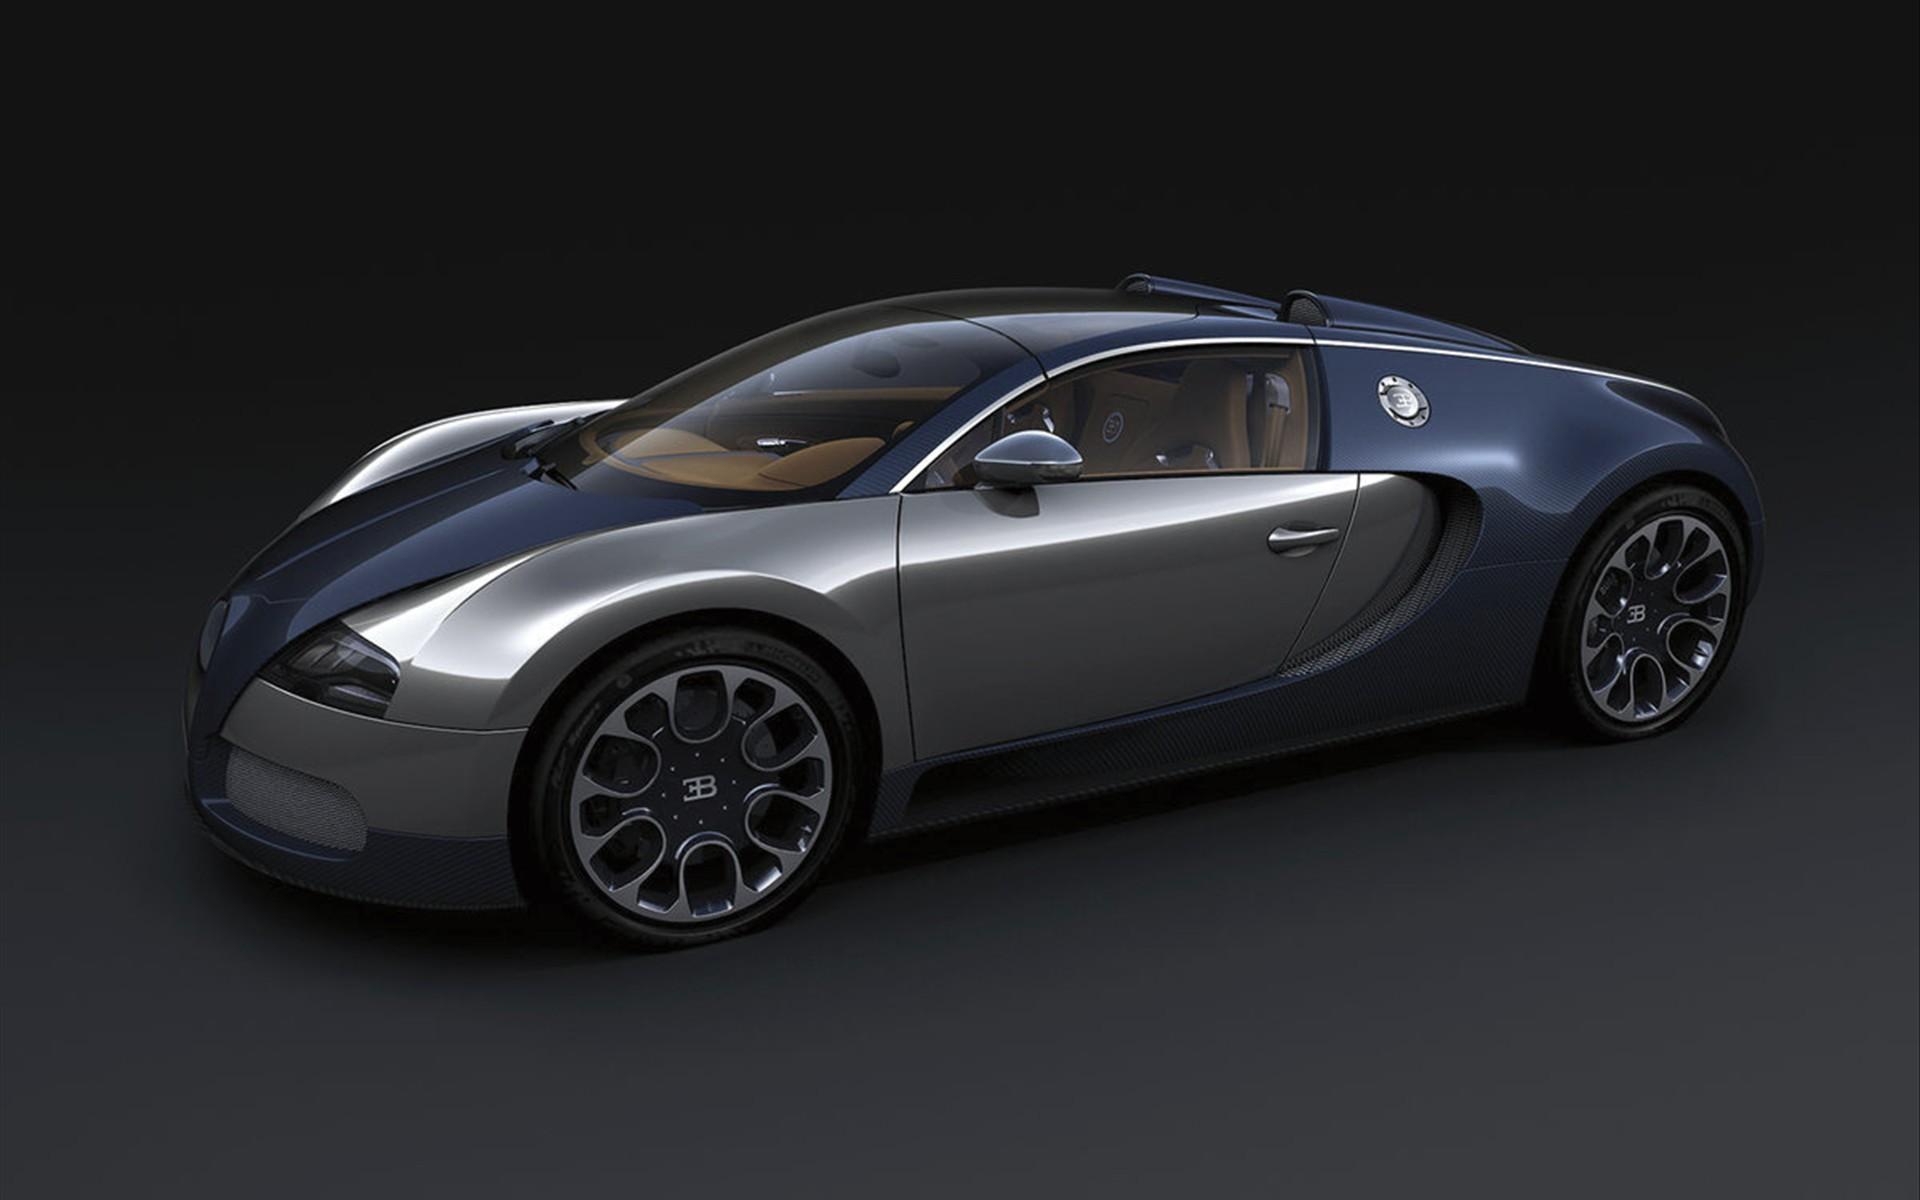 Bugatti Veyron Sang Noir wallpaper   722025 1920x1200